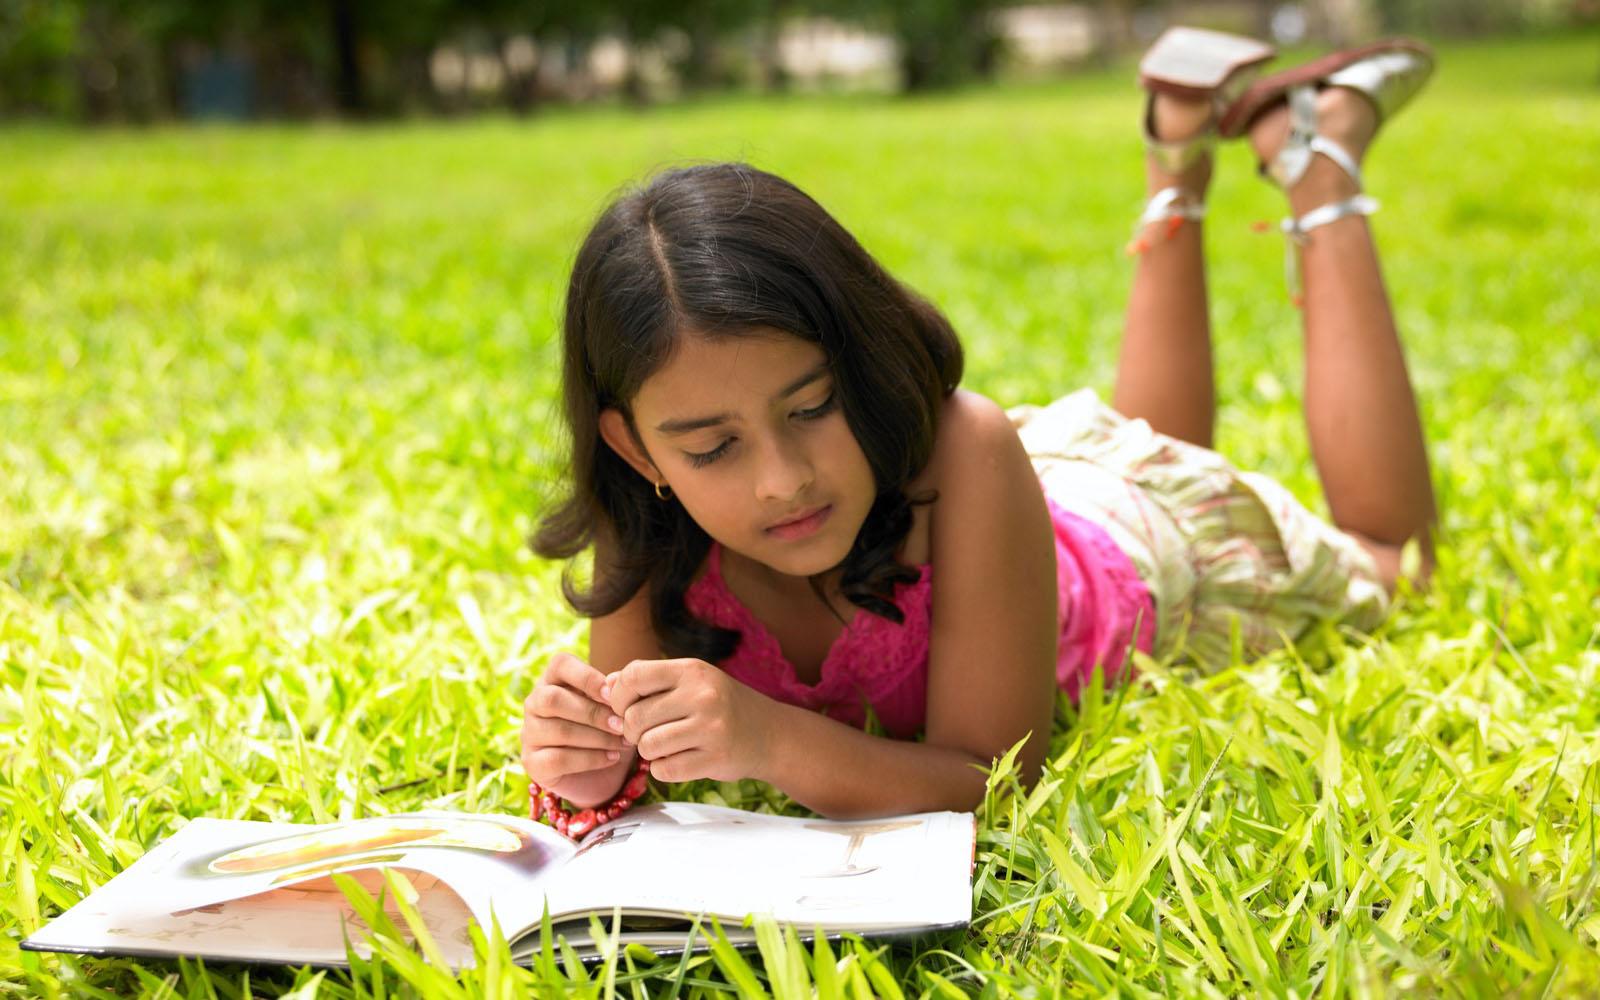 بچوں کو کتابیں منتخب کرنے دیں ، مطالعہ کی صلاحیت میں اضافہ ہوگا